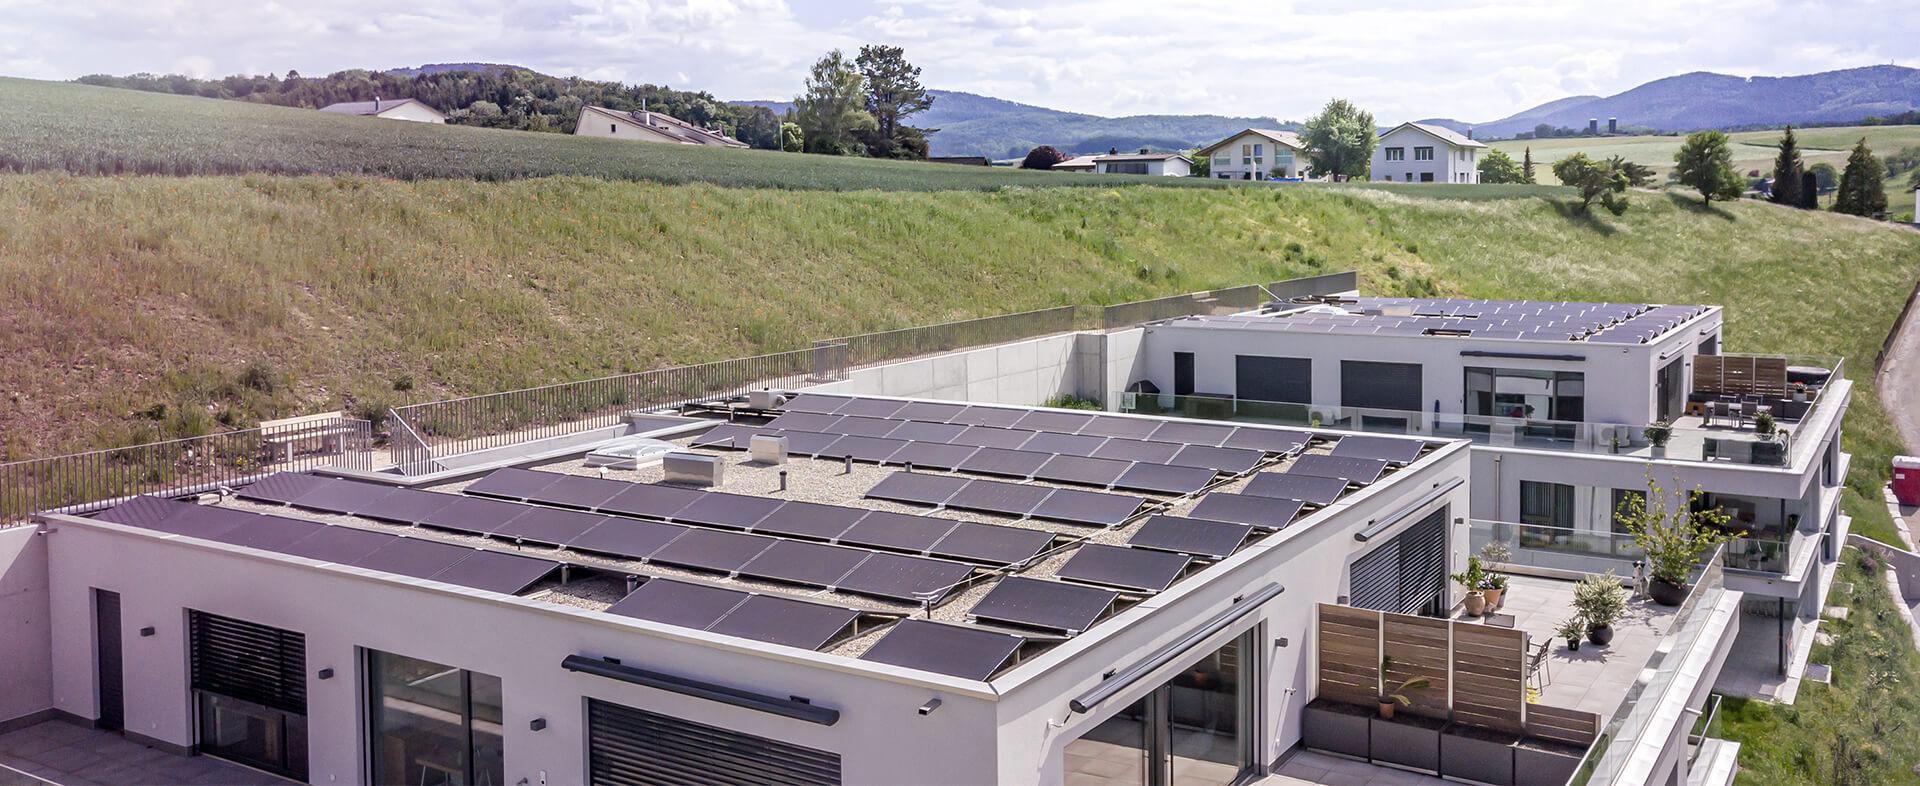 ALE_Corp_Website_Assets_1920x786_Solaranlage_Unterseite_ZEV